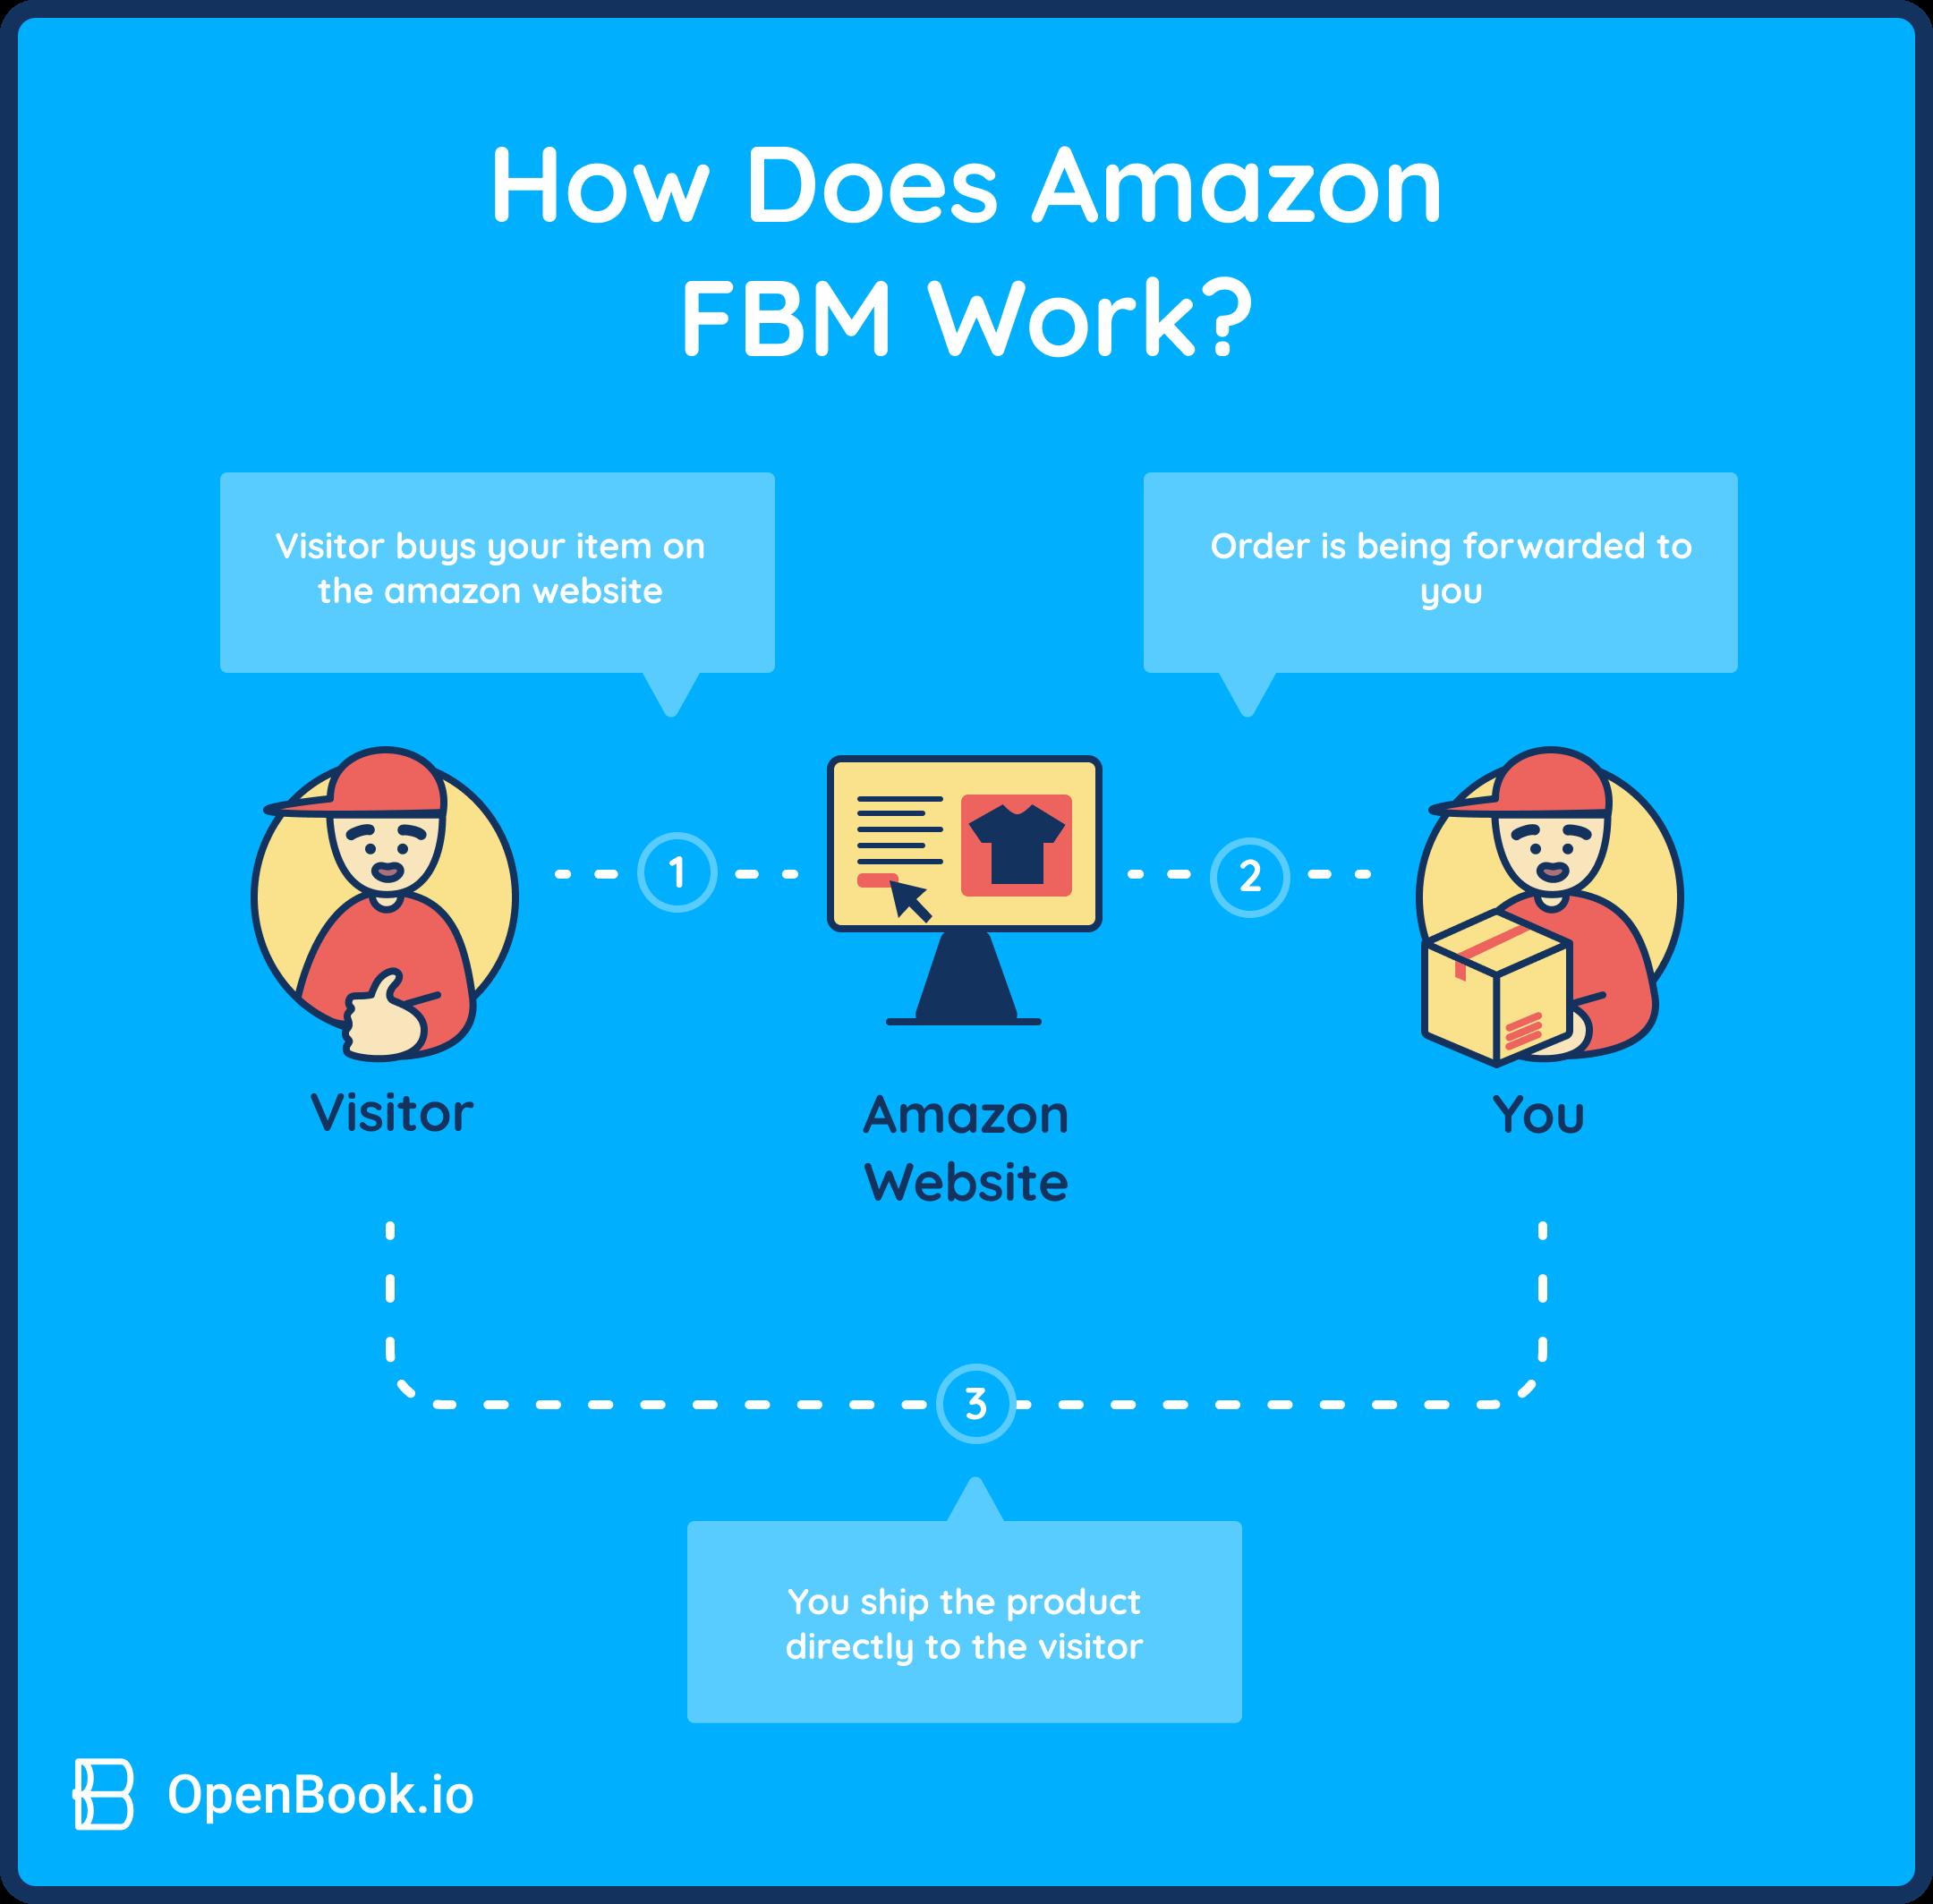 How does Amazon FBM work?